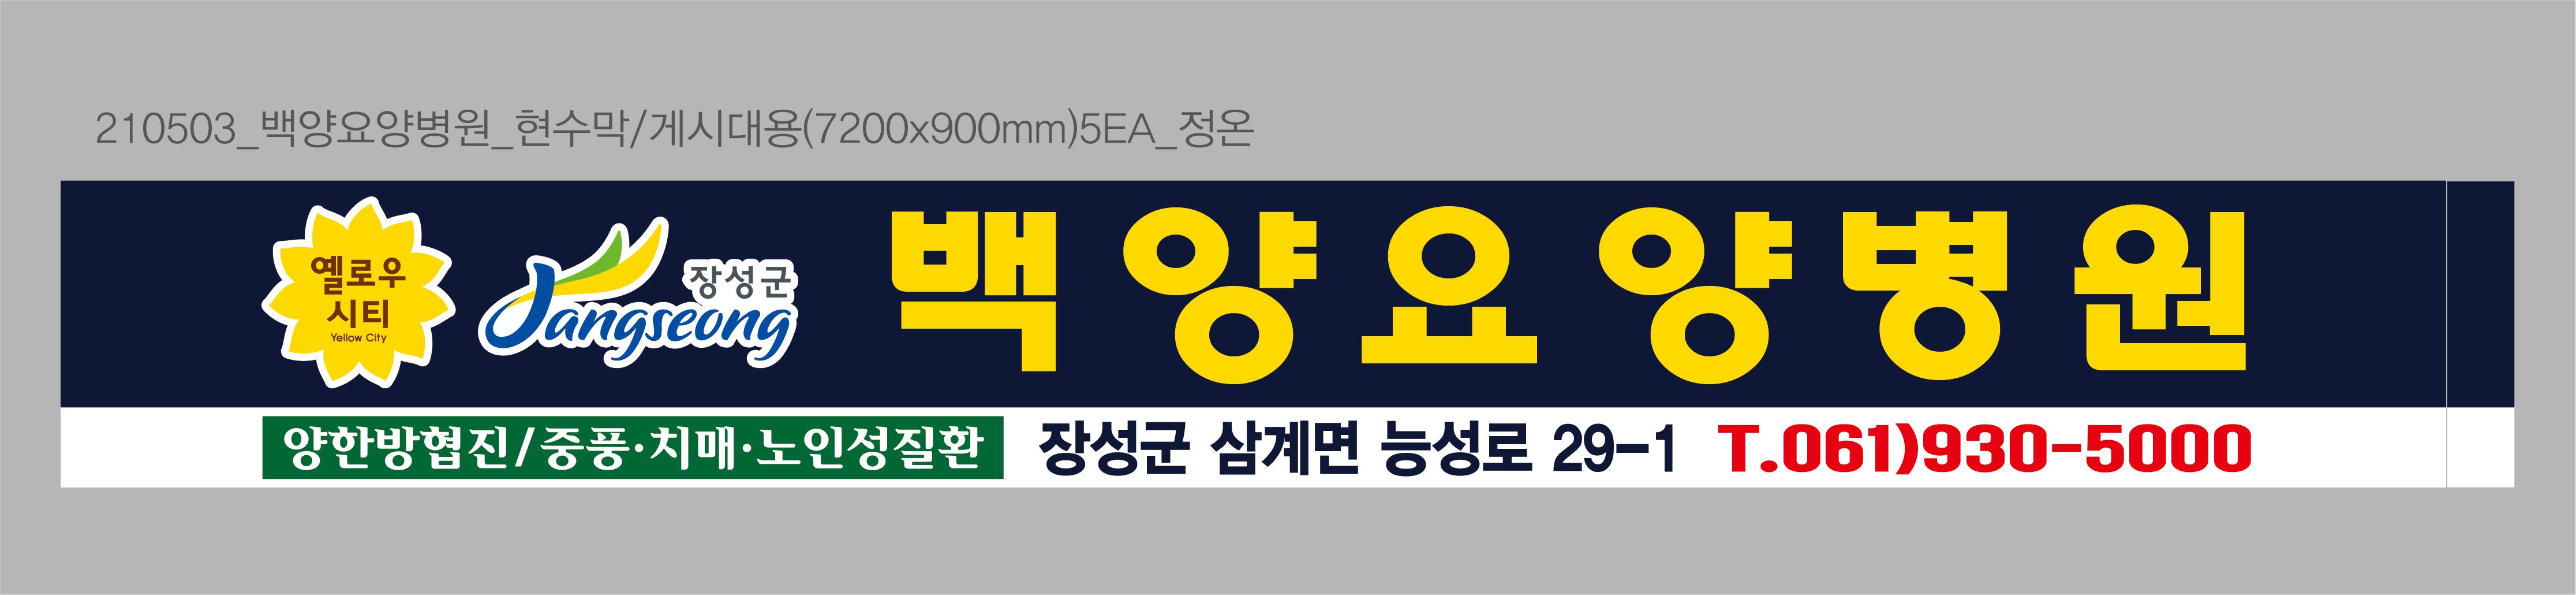 210503_백양요양병원_게시대현수막